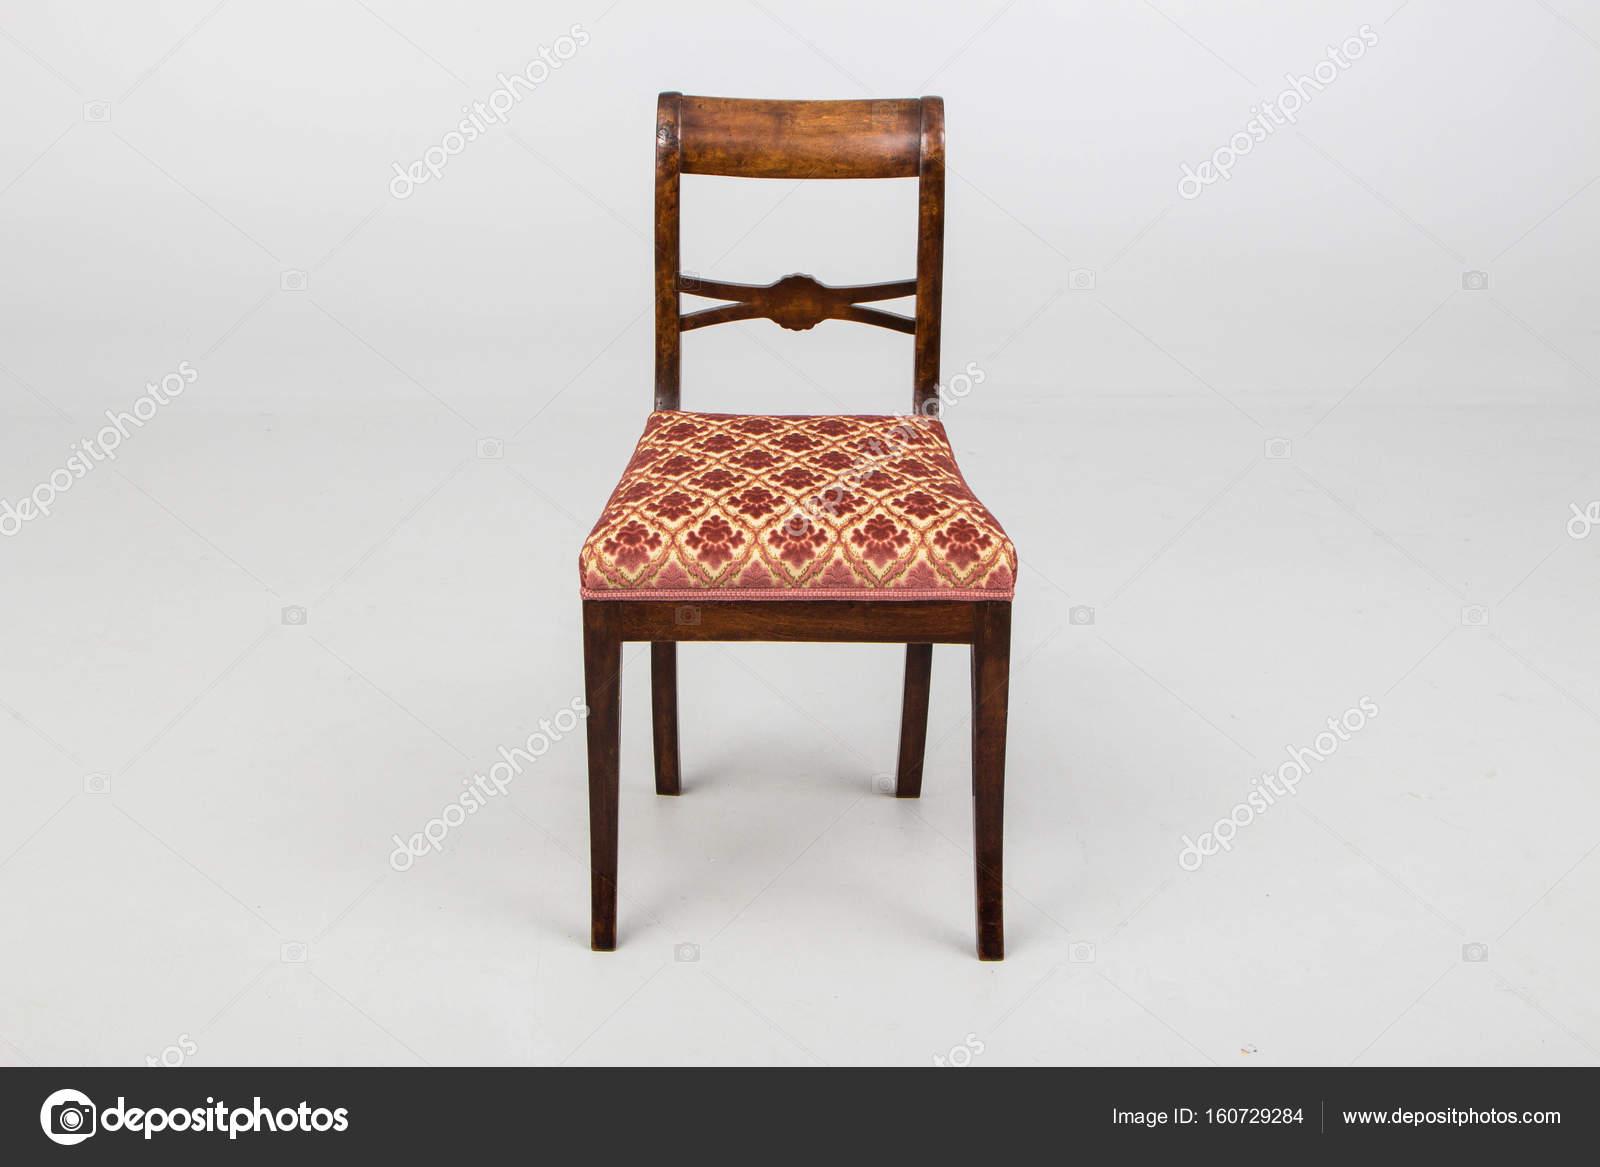 Stuhle Sessel Antik Stockfoto C Jbgroup 160729284